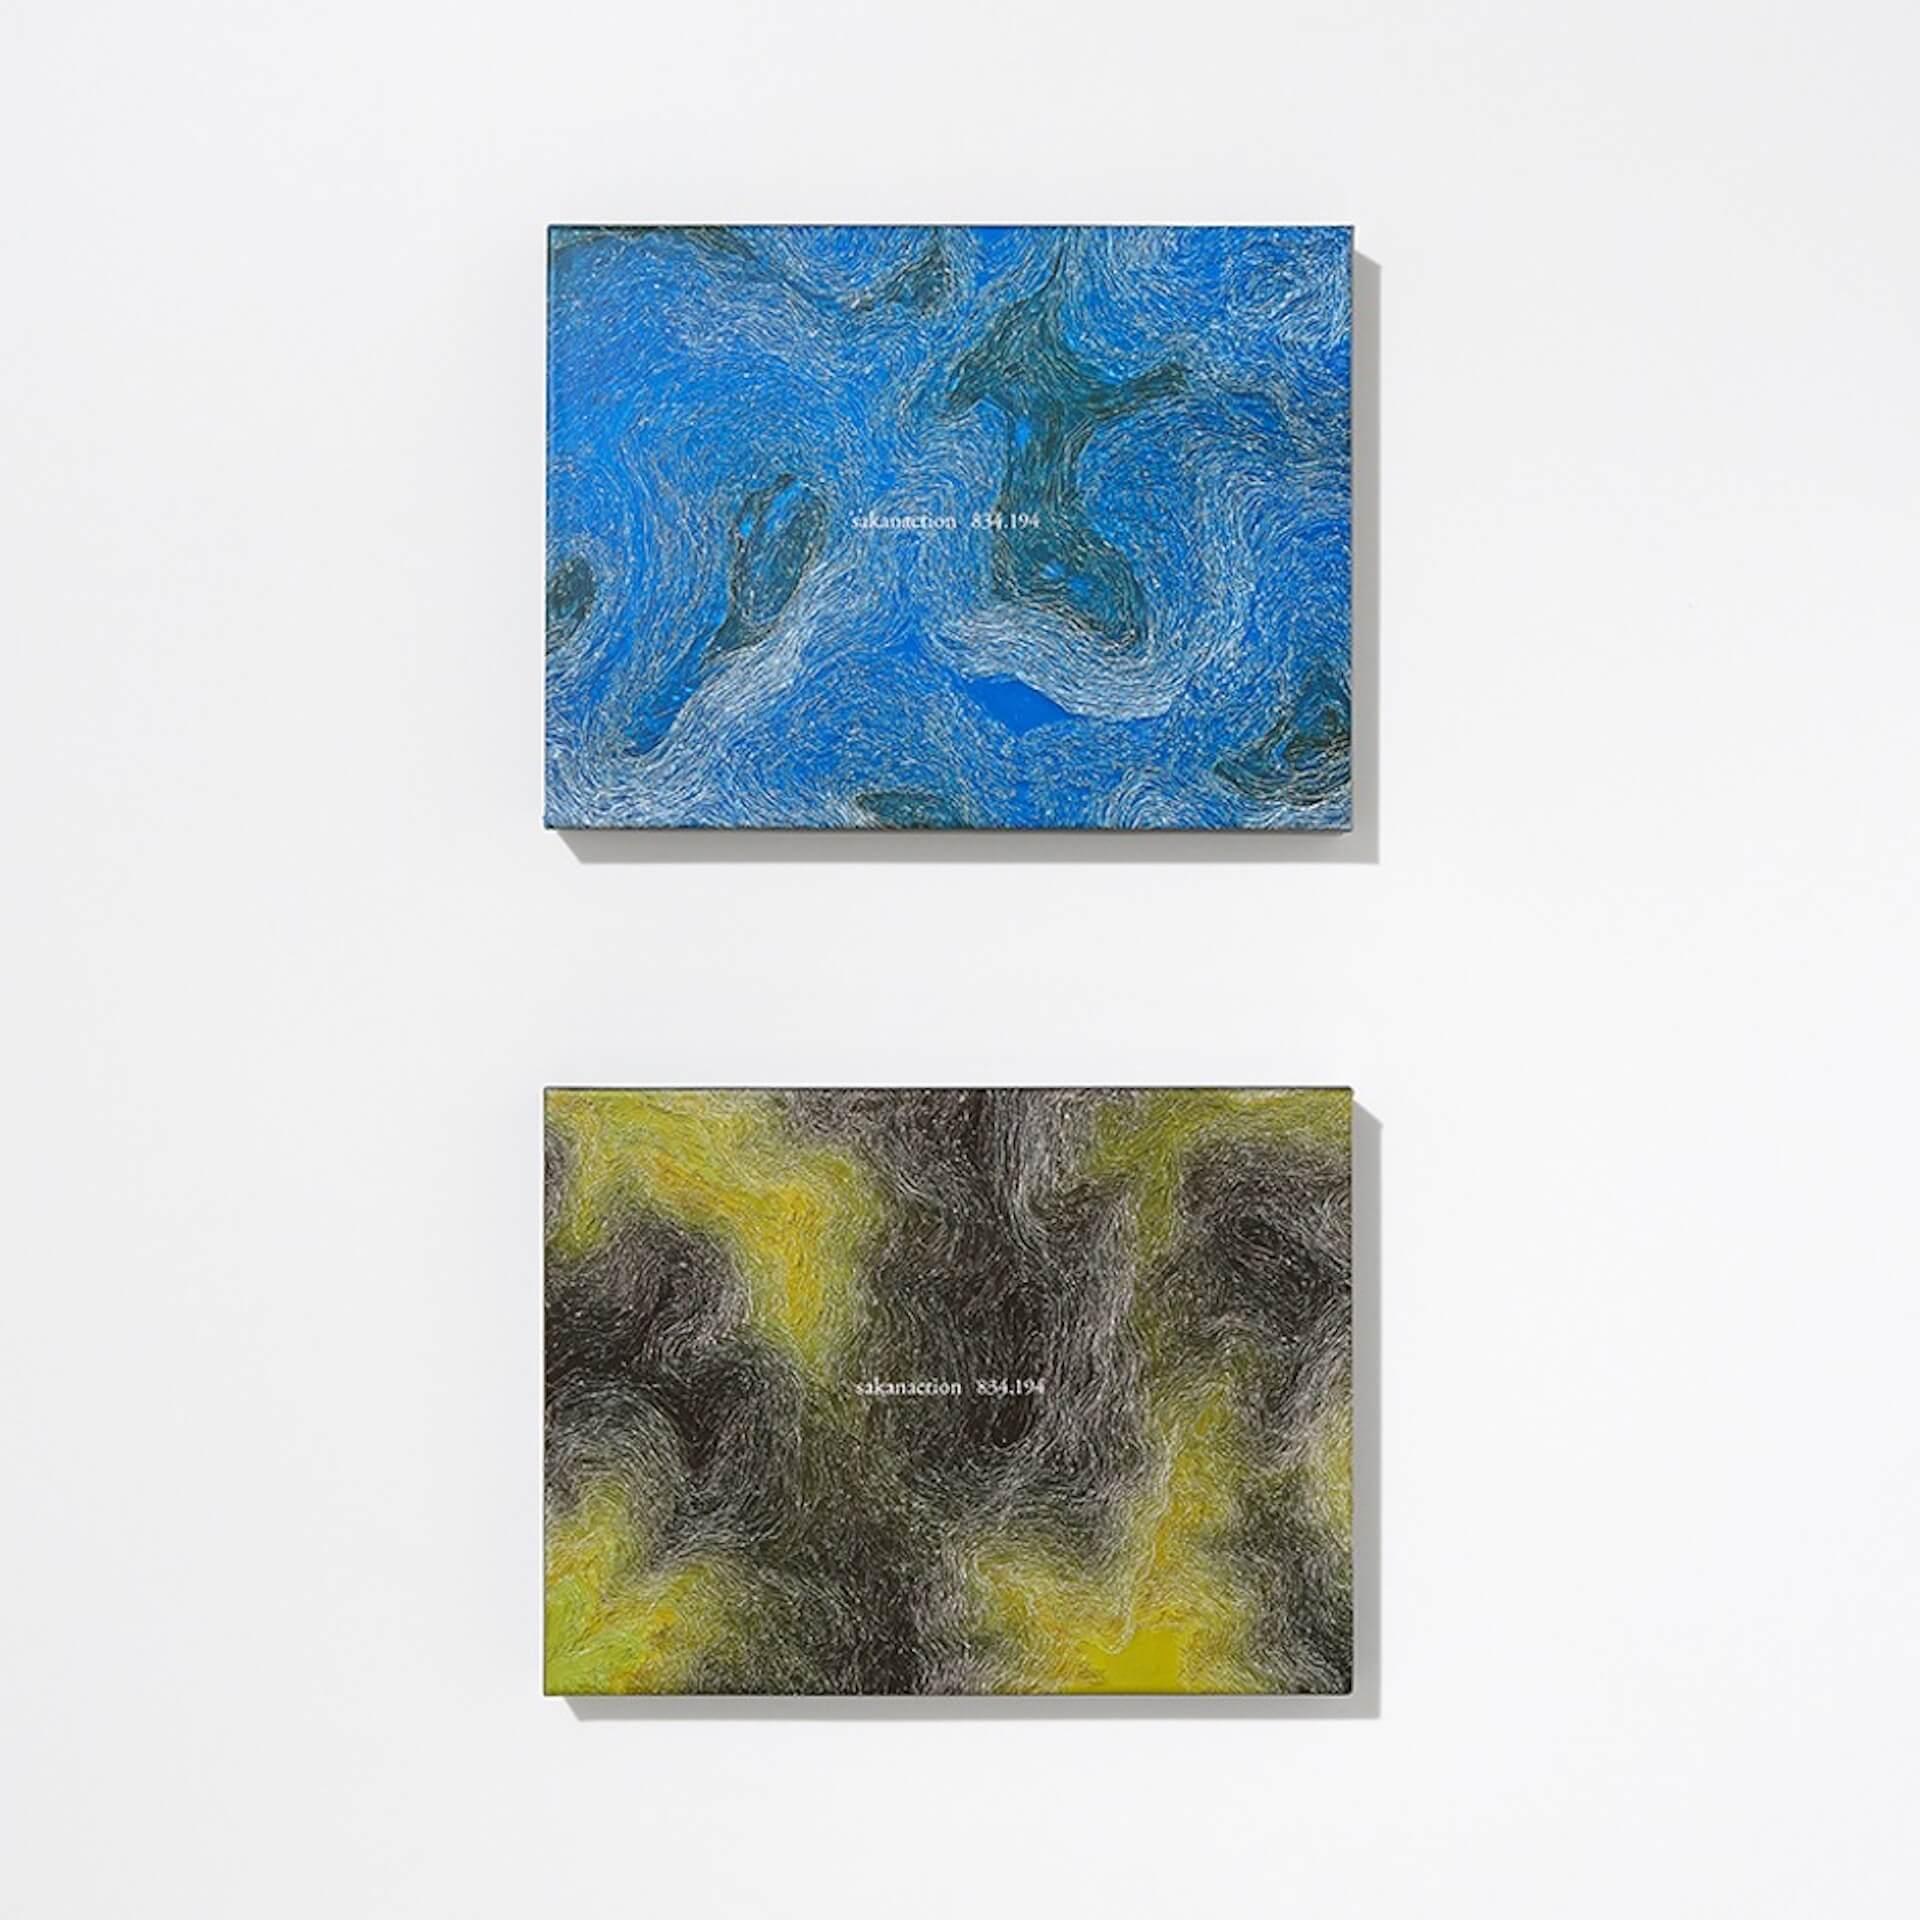 対話によって、積層されたイメージの中に創造の鉱脈を見出す。アーティスト・デュオ、Nerholが挑戦し続ける創作プロセスとは。